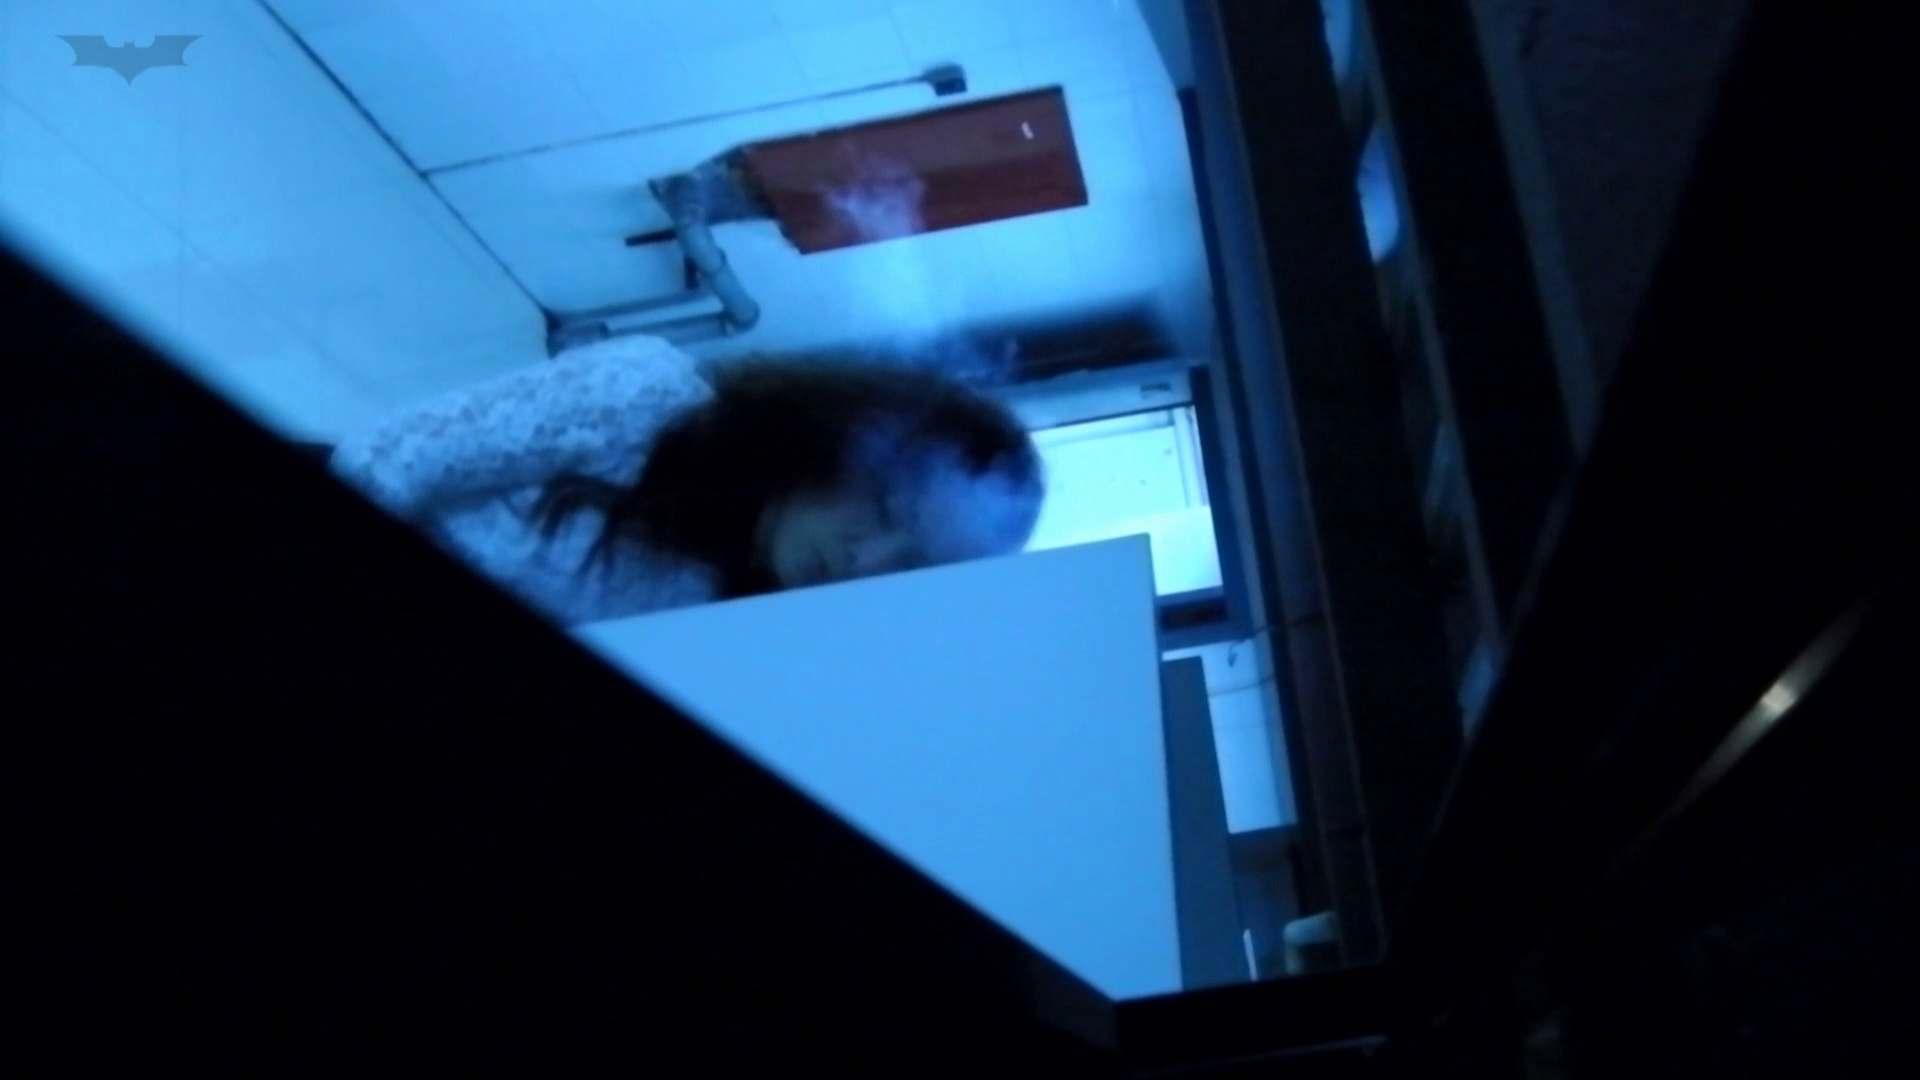 新世界の射窓 No72 モデル級なら個室から飛び出て追っかけます お姉さんのSEX | 丸見え  108枚 13